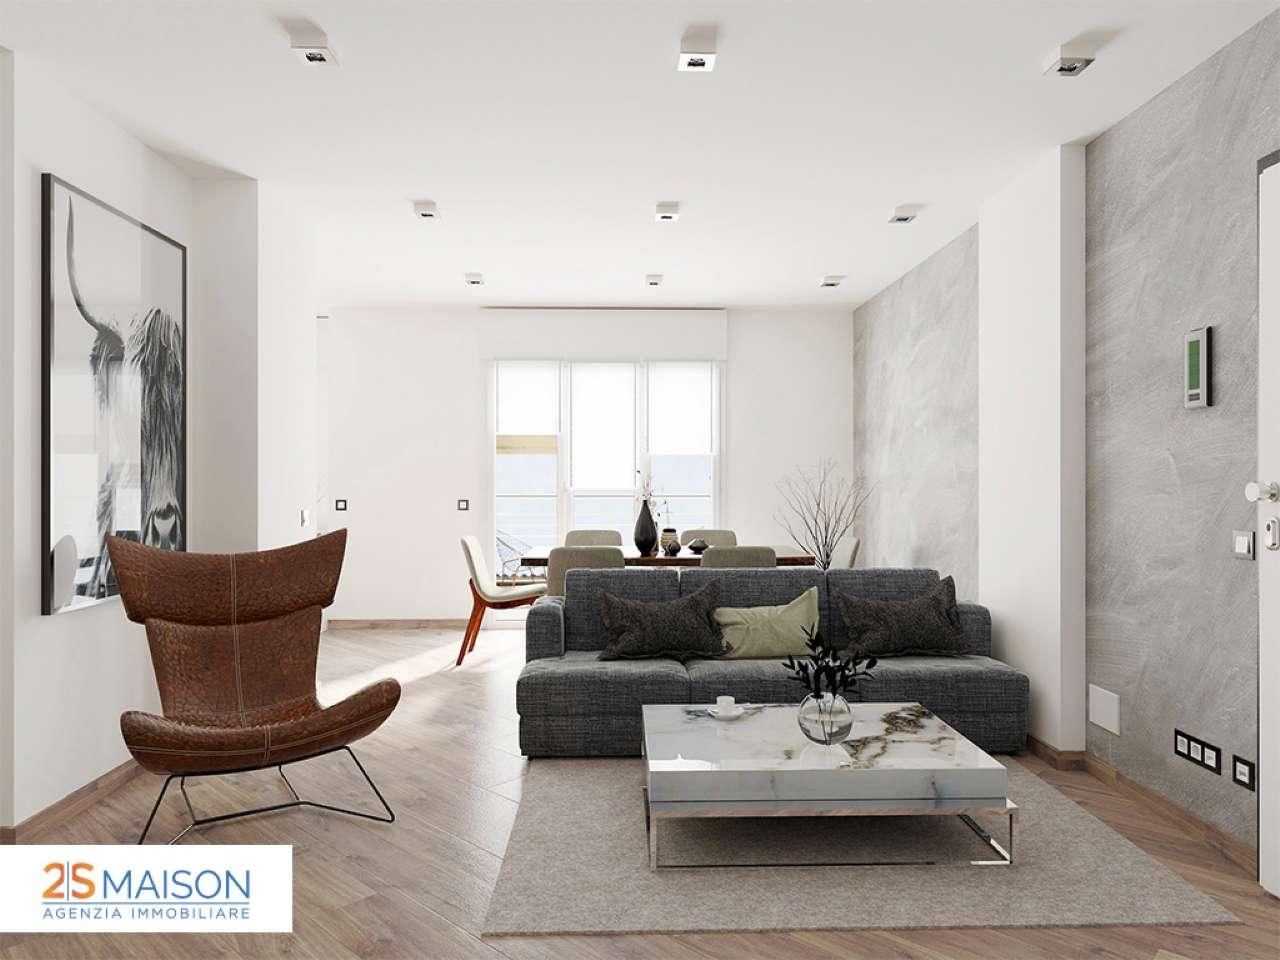 Appartamento in vendita a Santa Margherita Ligure, 4 locali, prezzo € 415.000 | CambioCasa.it